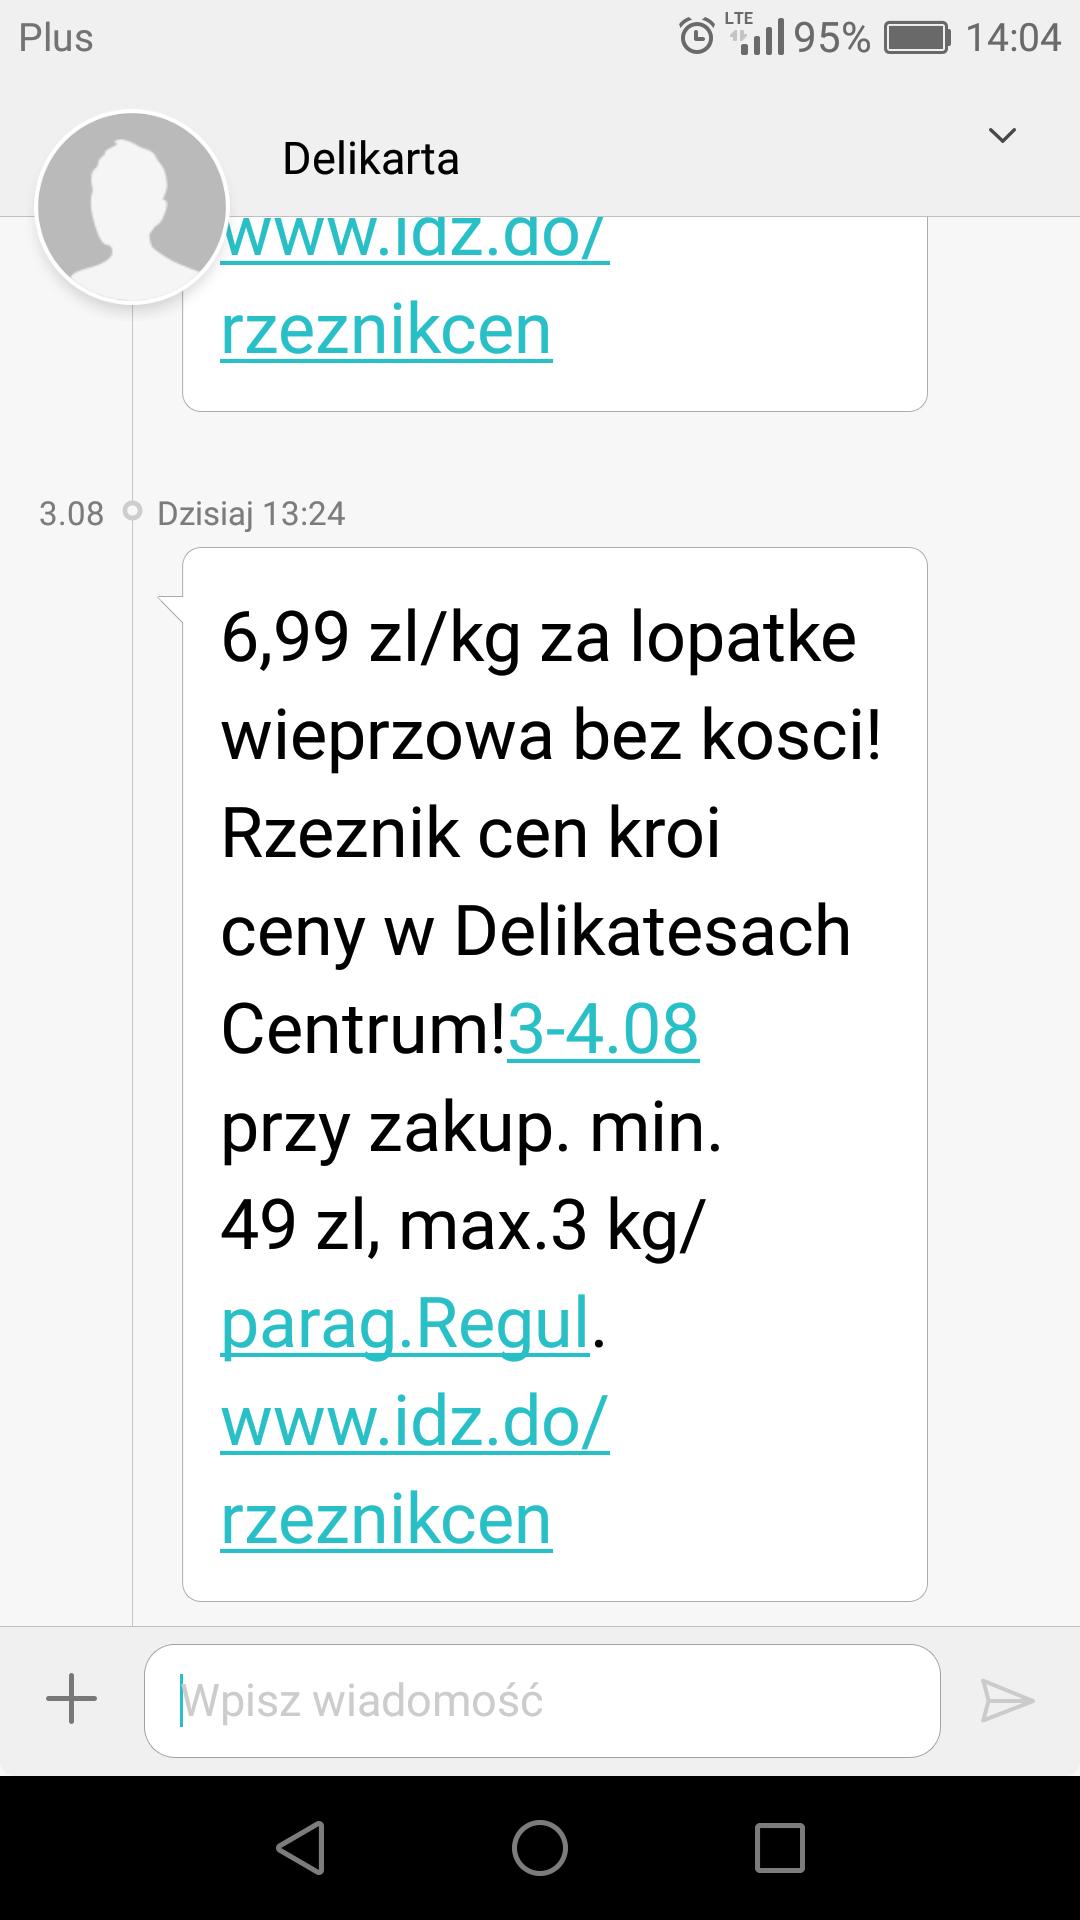 Łopatka wieprzowa 6.99kg w Delikatesach Centrum